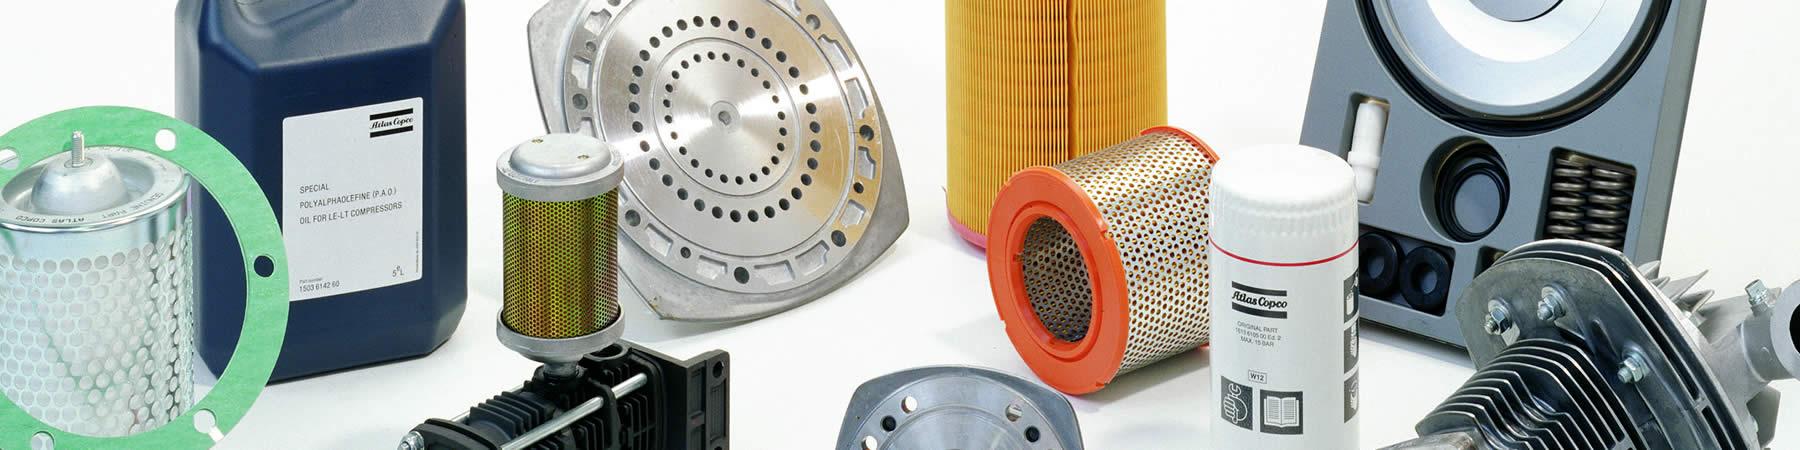 Ricambi Compressori Brescia - Cerco Ricambi Compressore a Brescia